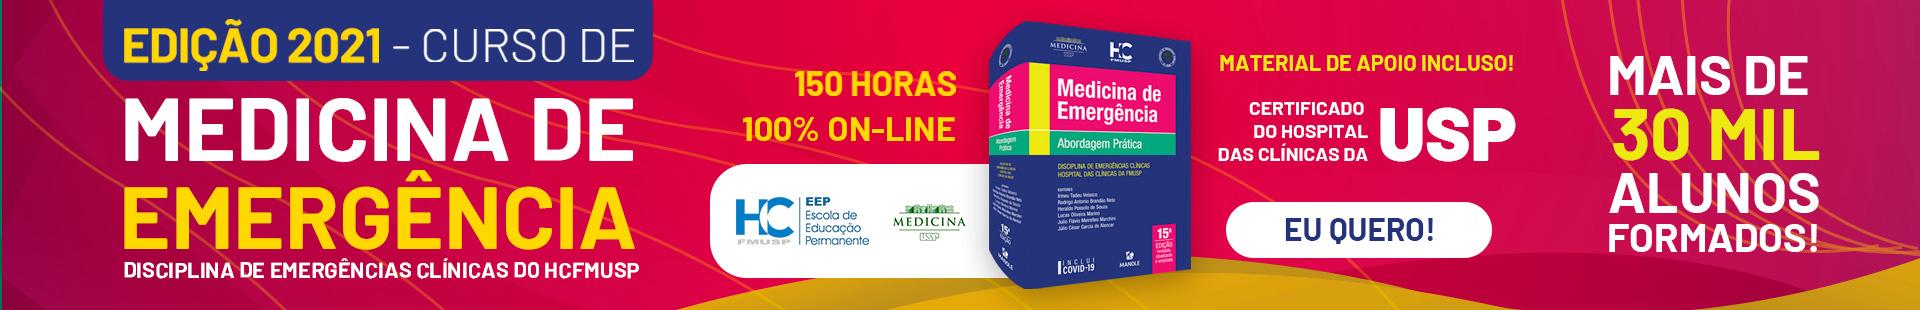 CURSO DE MEDICINA DE EMERGÊNCIA DA DISCIPLINA DE EMERGÊNCIAS CLÍNICAS DO HCFMUSP - EDIÇÃO 2021